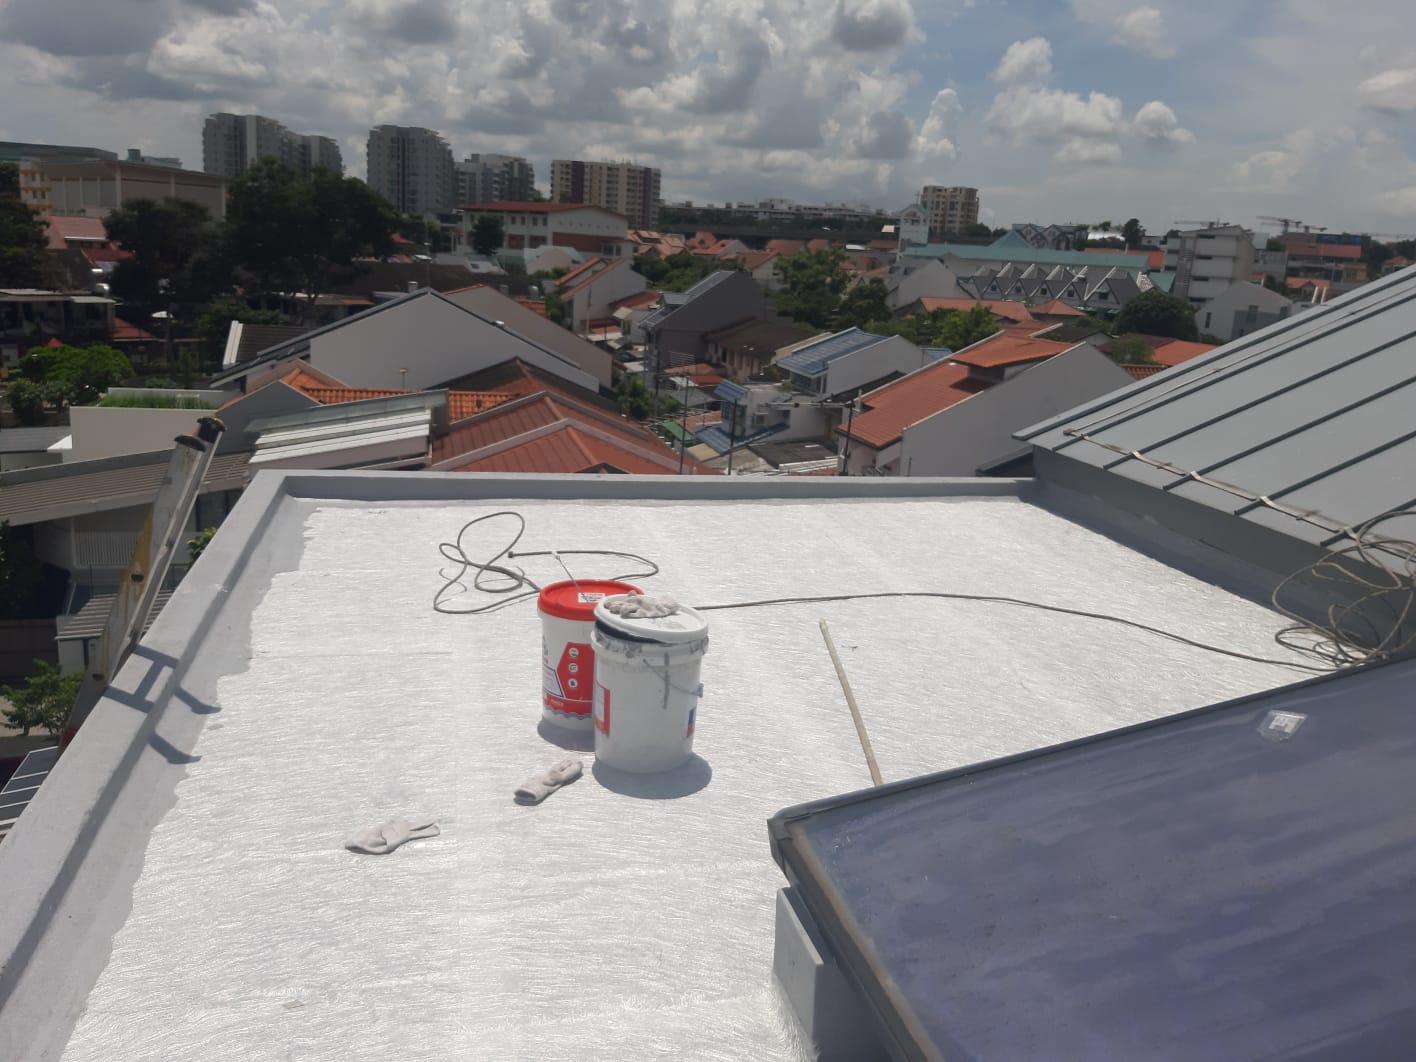 Waterproofing waterproofing roof 3